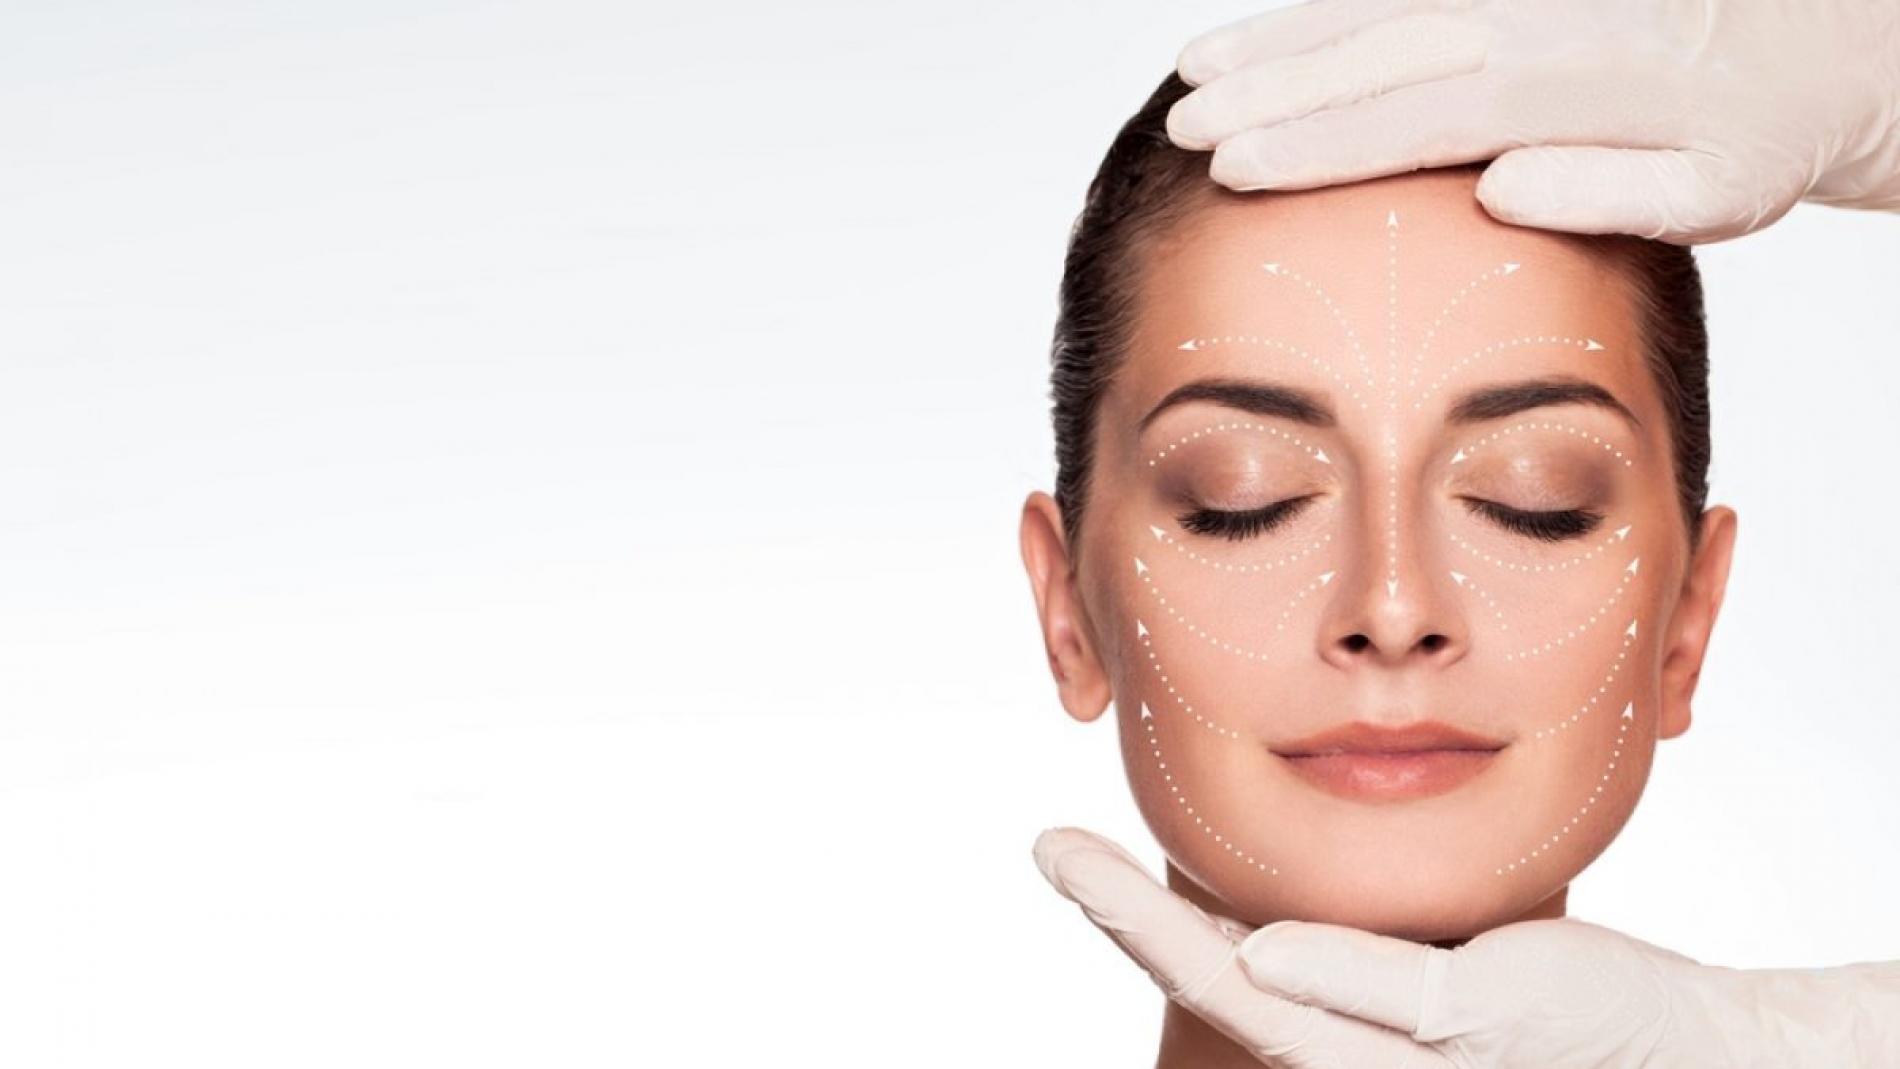 clinica de cirurgia plastica em santos dra ana lucia lemos harmonizaçao facial